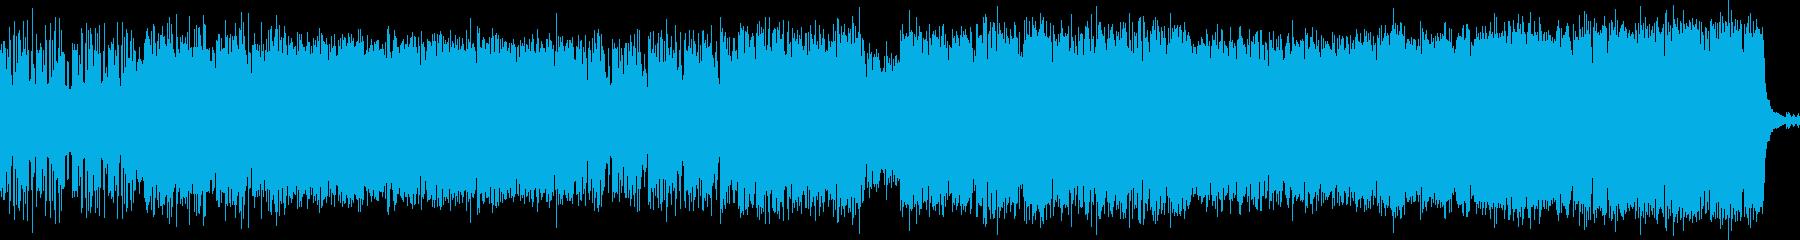 幻想的なボス戦BGM ループ可の再生済みの波形